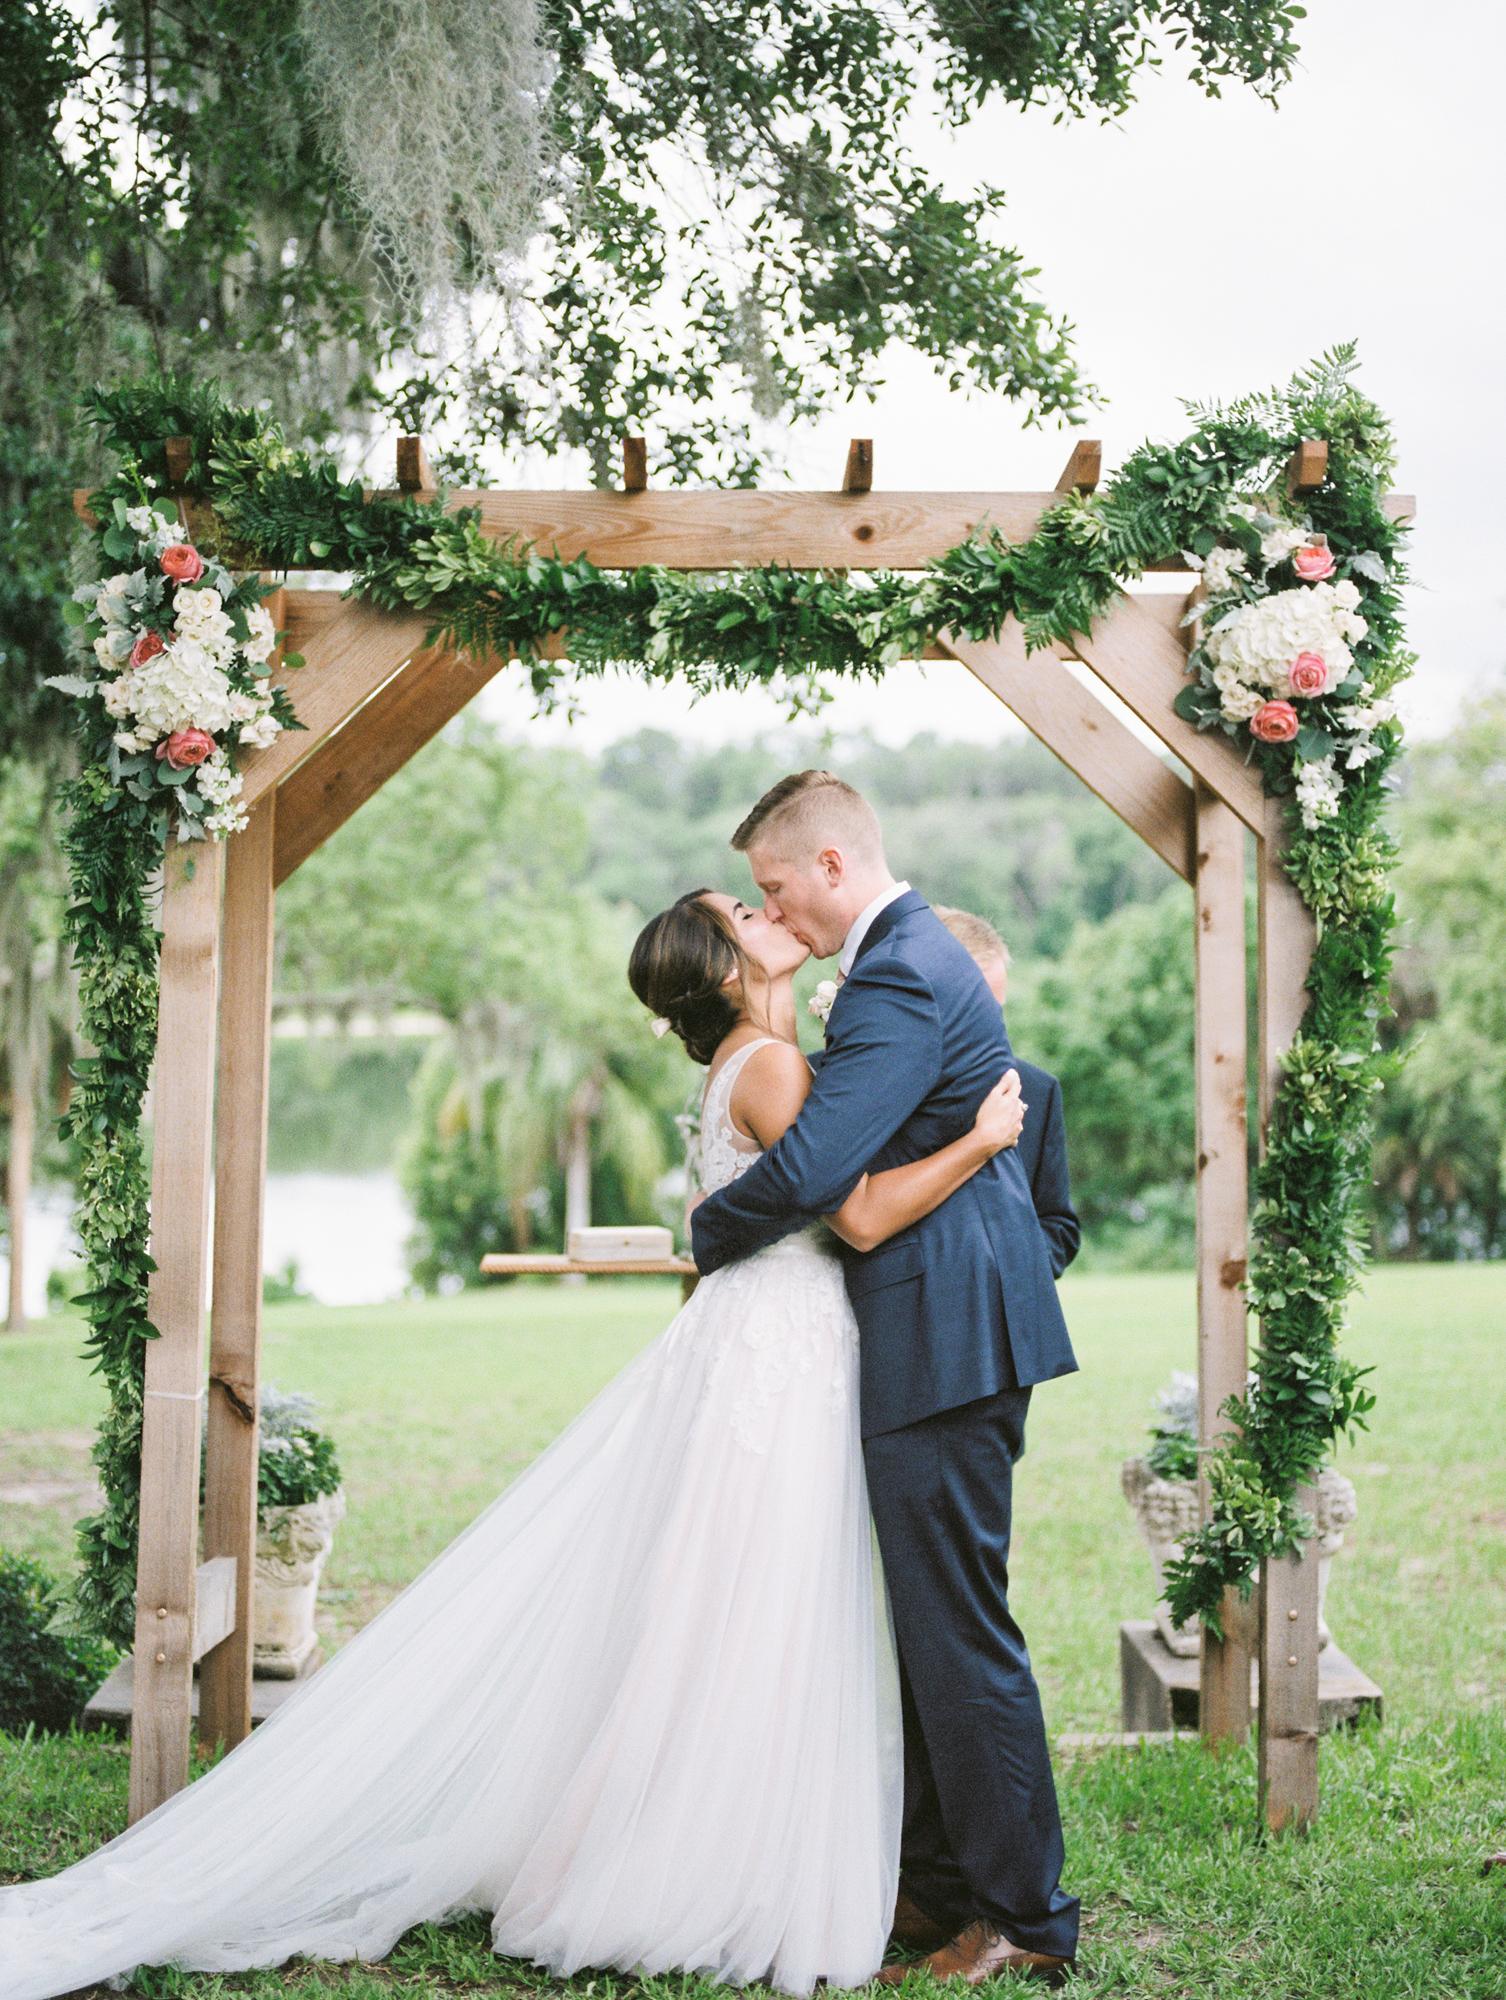 sydonie-mansion-mount-dora-orlando-wedding-photos-by-jessica-bellinger-087.jpg